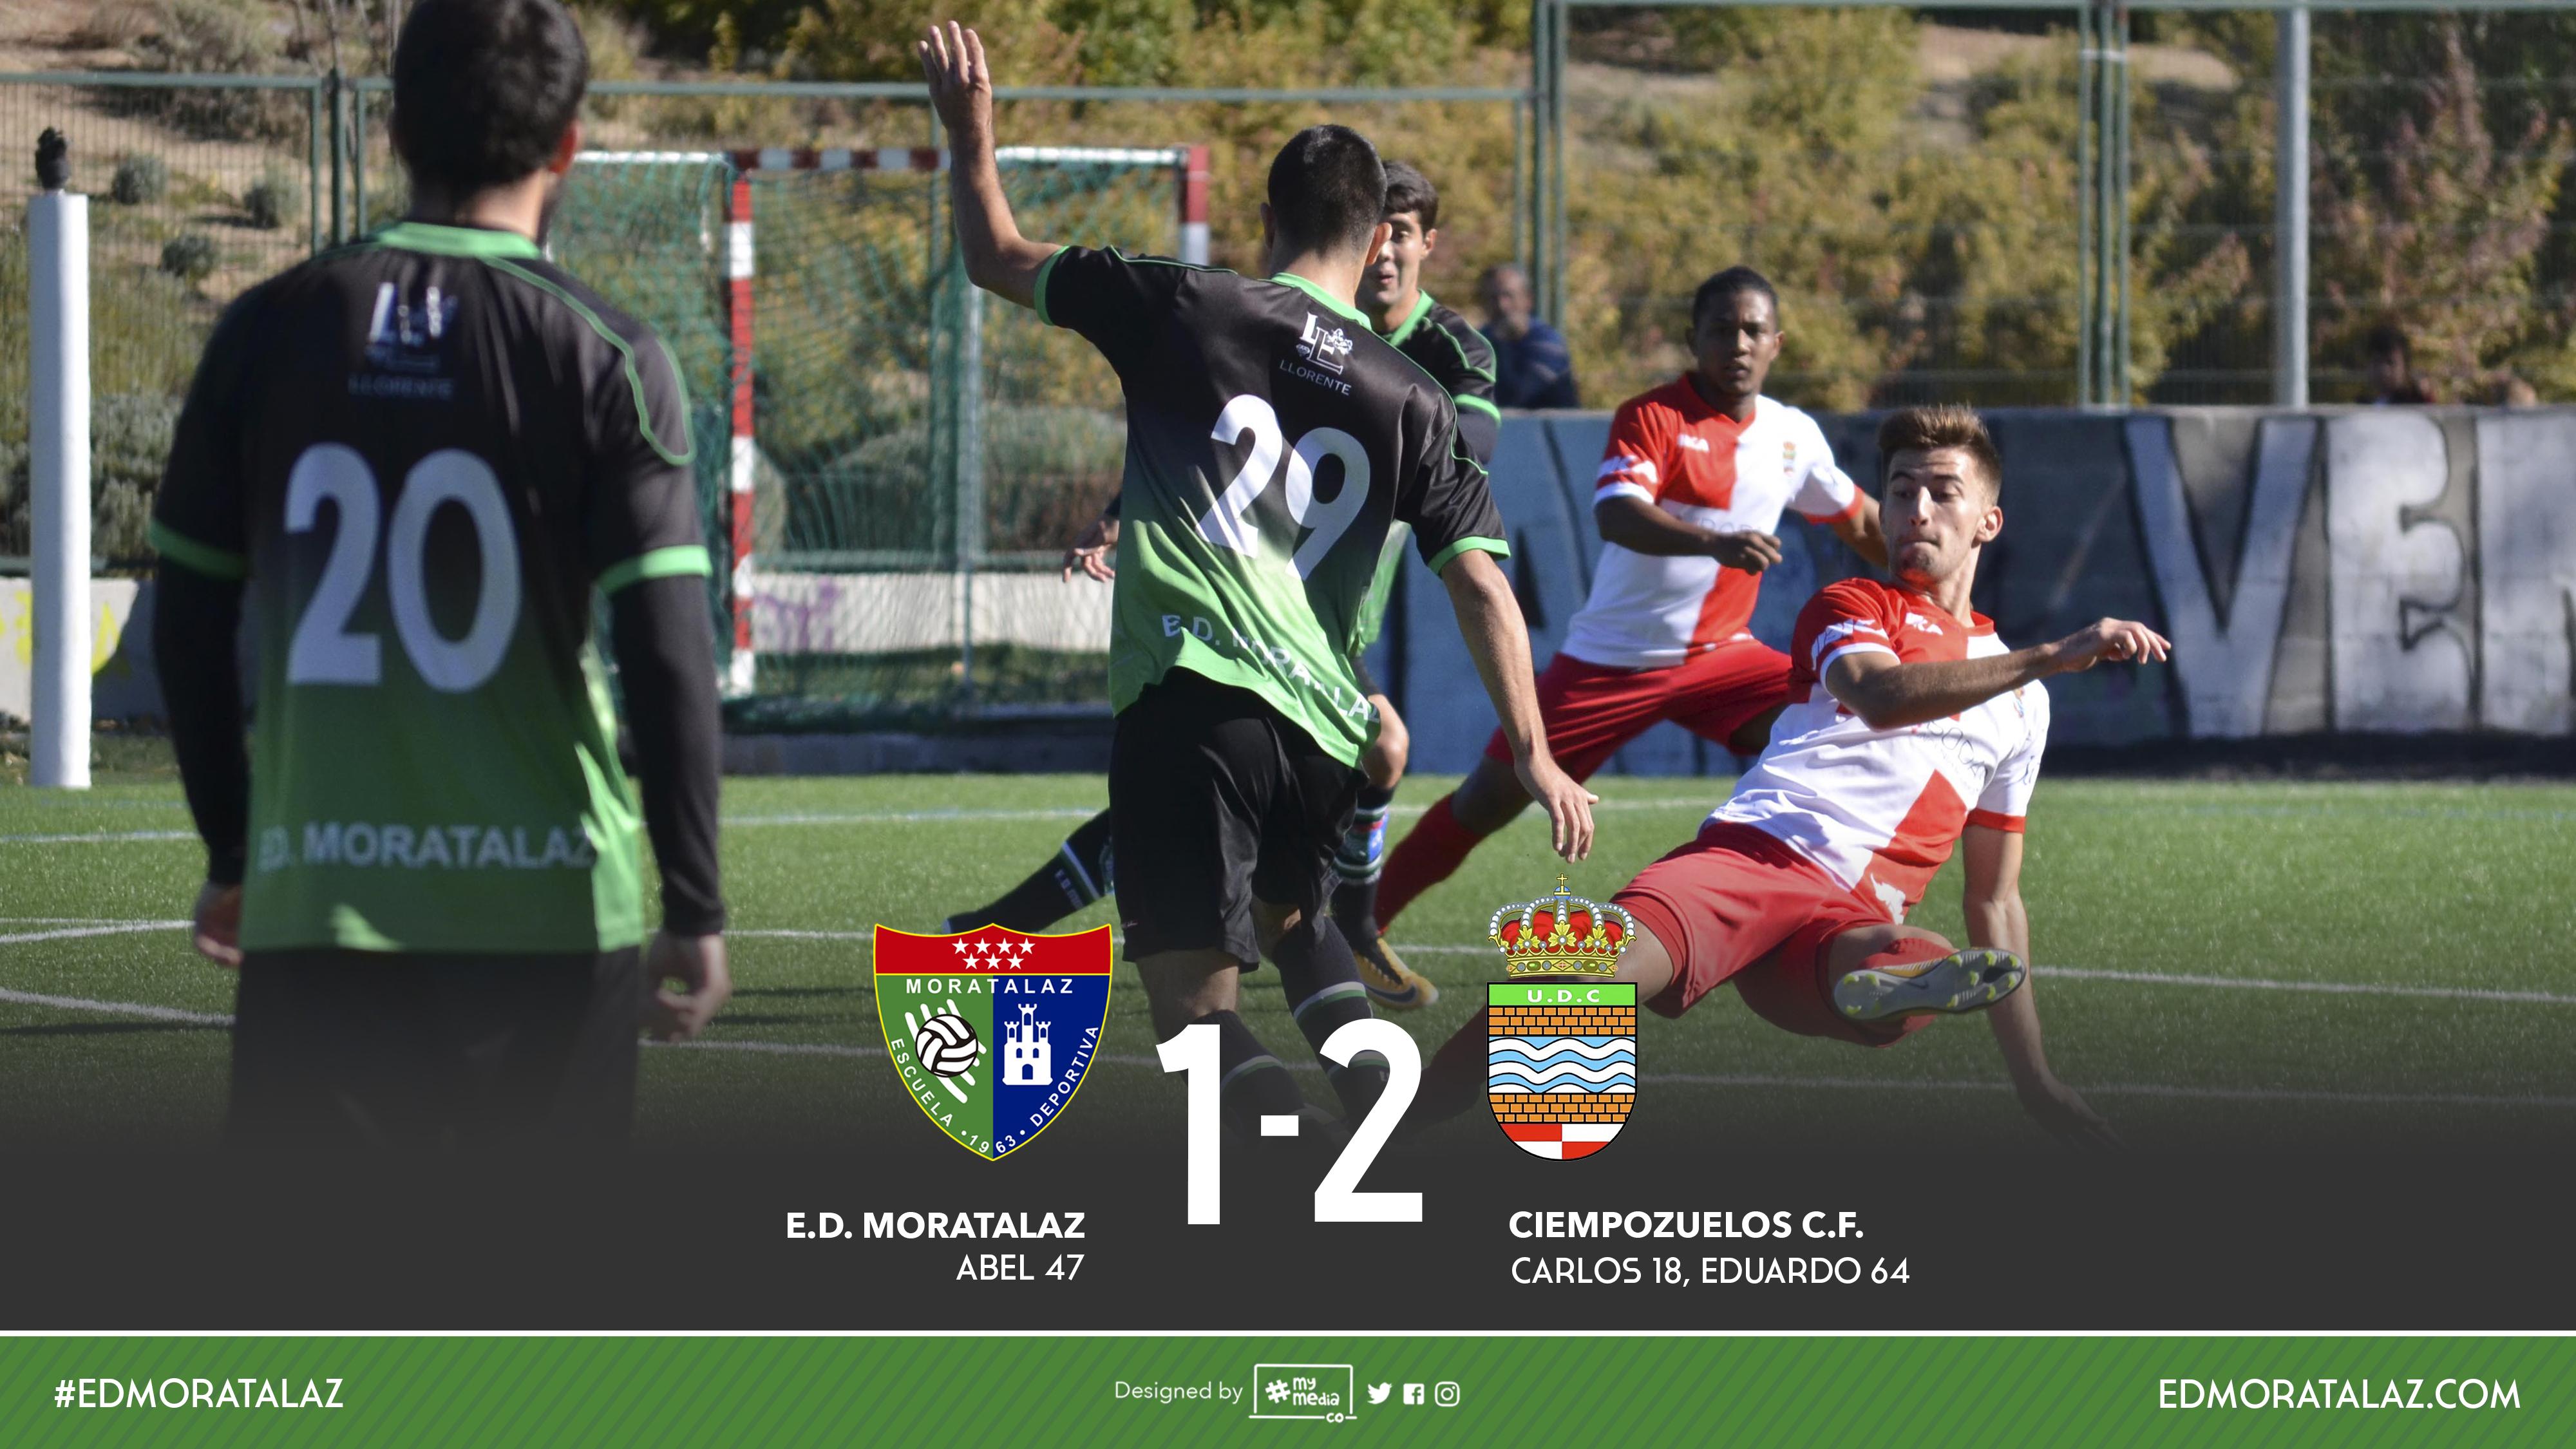 Fotos y vídeo resumen del partido Primer Equipo 1-2 UD Ciempozuelos